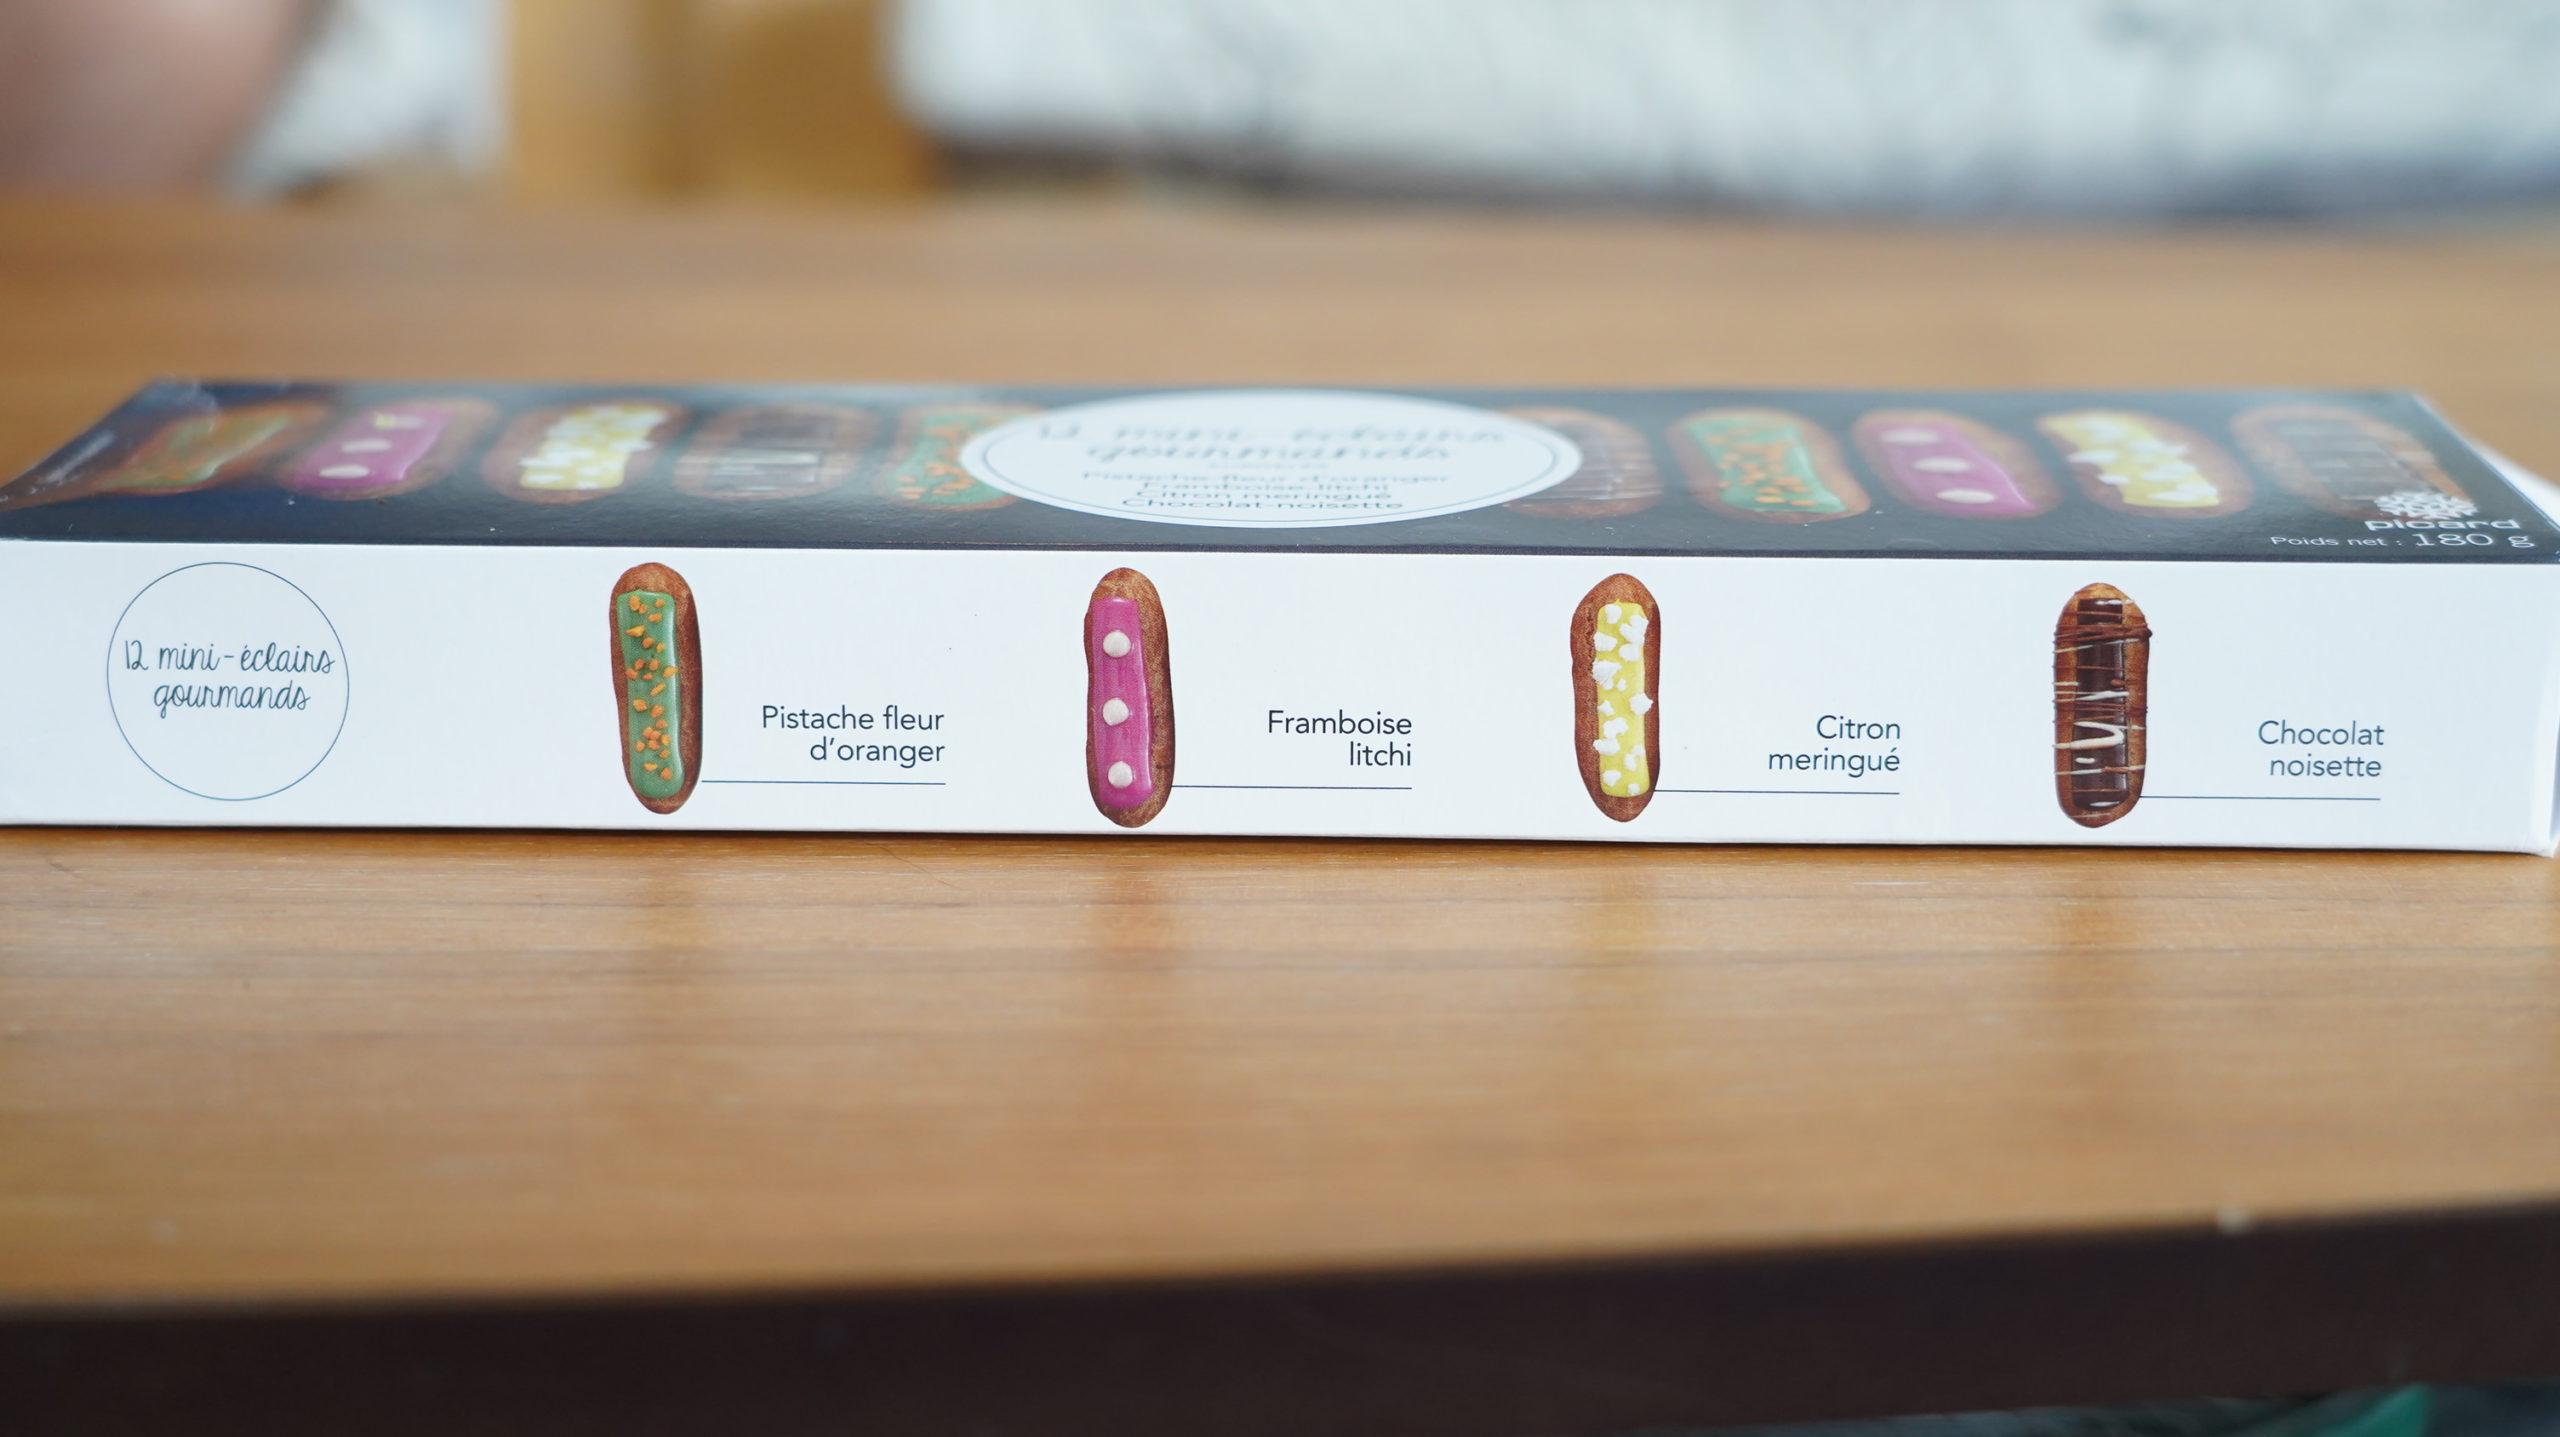 ピカールの冷凍食品「食いしん坊のミニエクレア」の箱の側面の写真